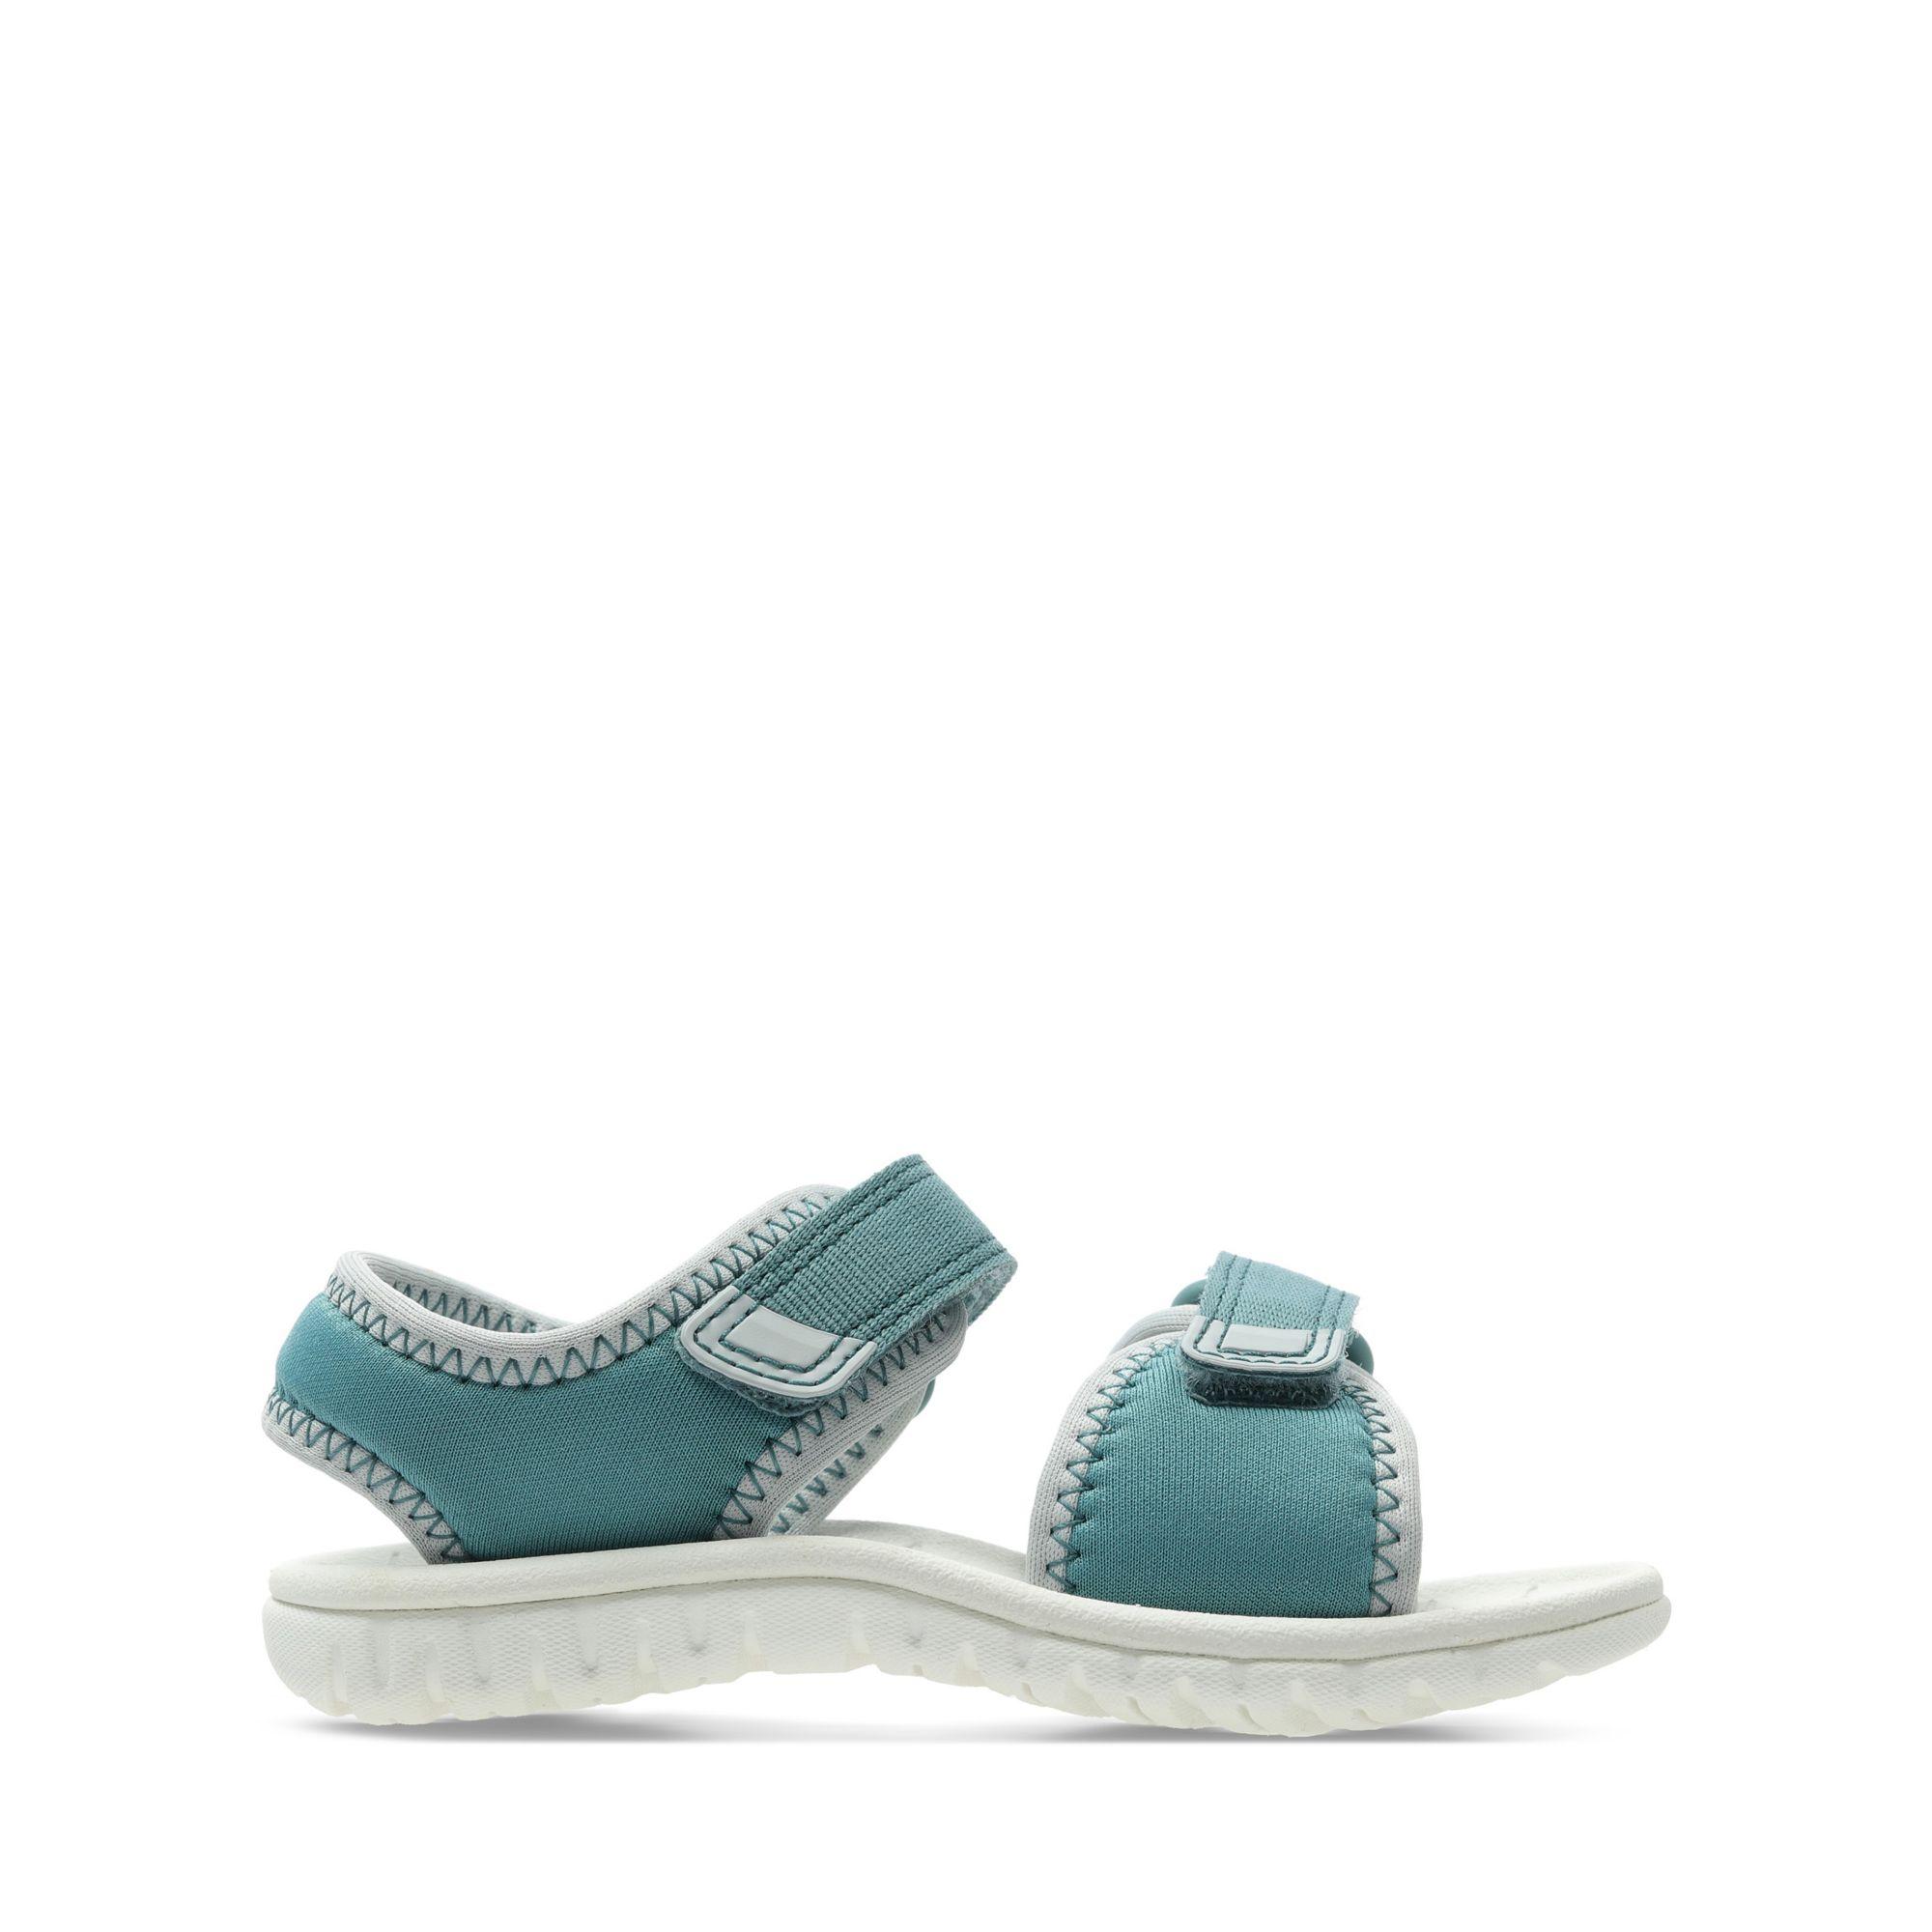 a0d136465c2 Où trouver des chaussures Clarks à Villeneuve-Lès-Avignon